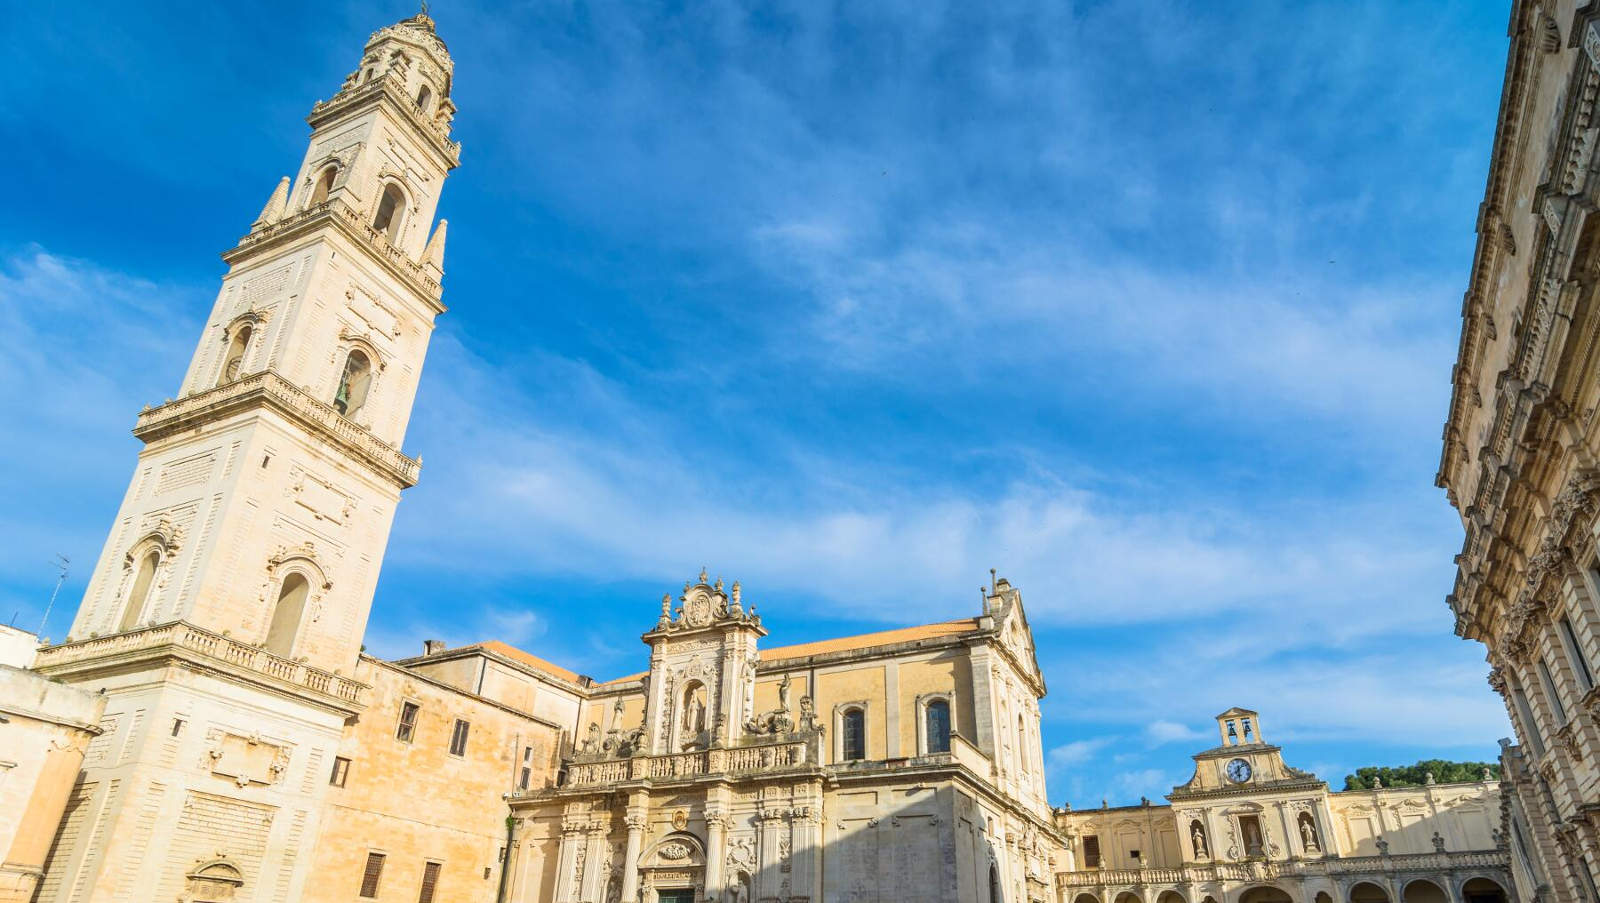 Valutazione Immobili Lecce